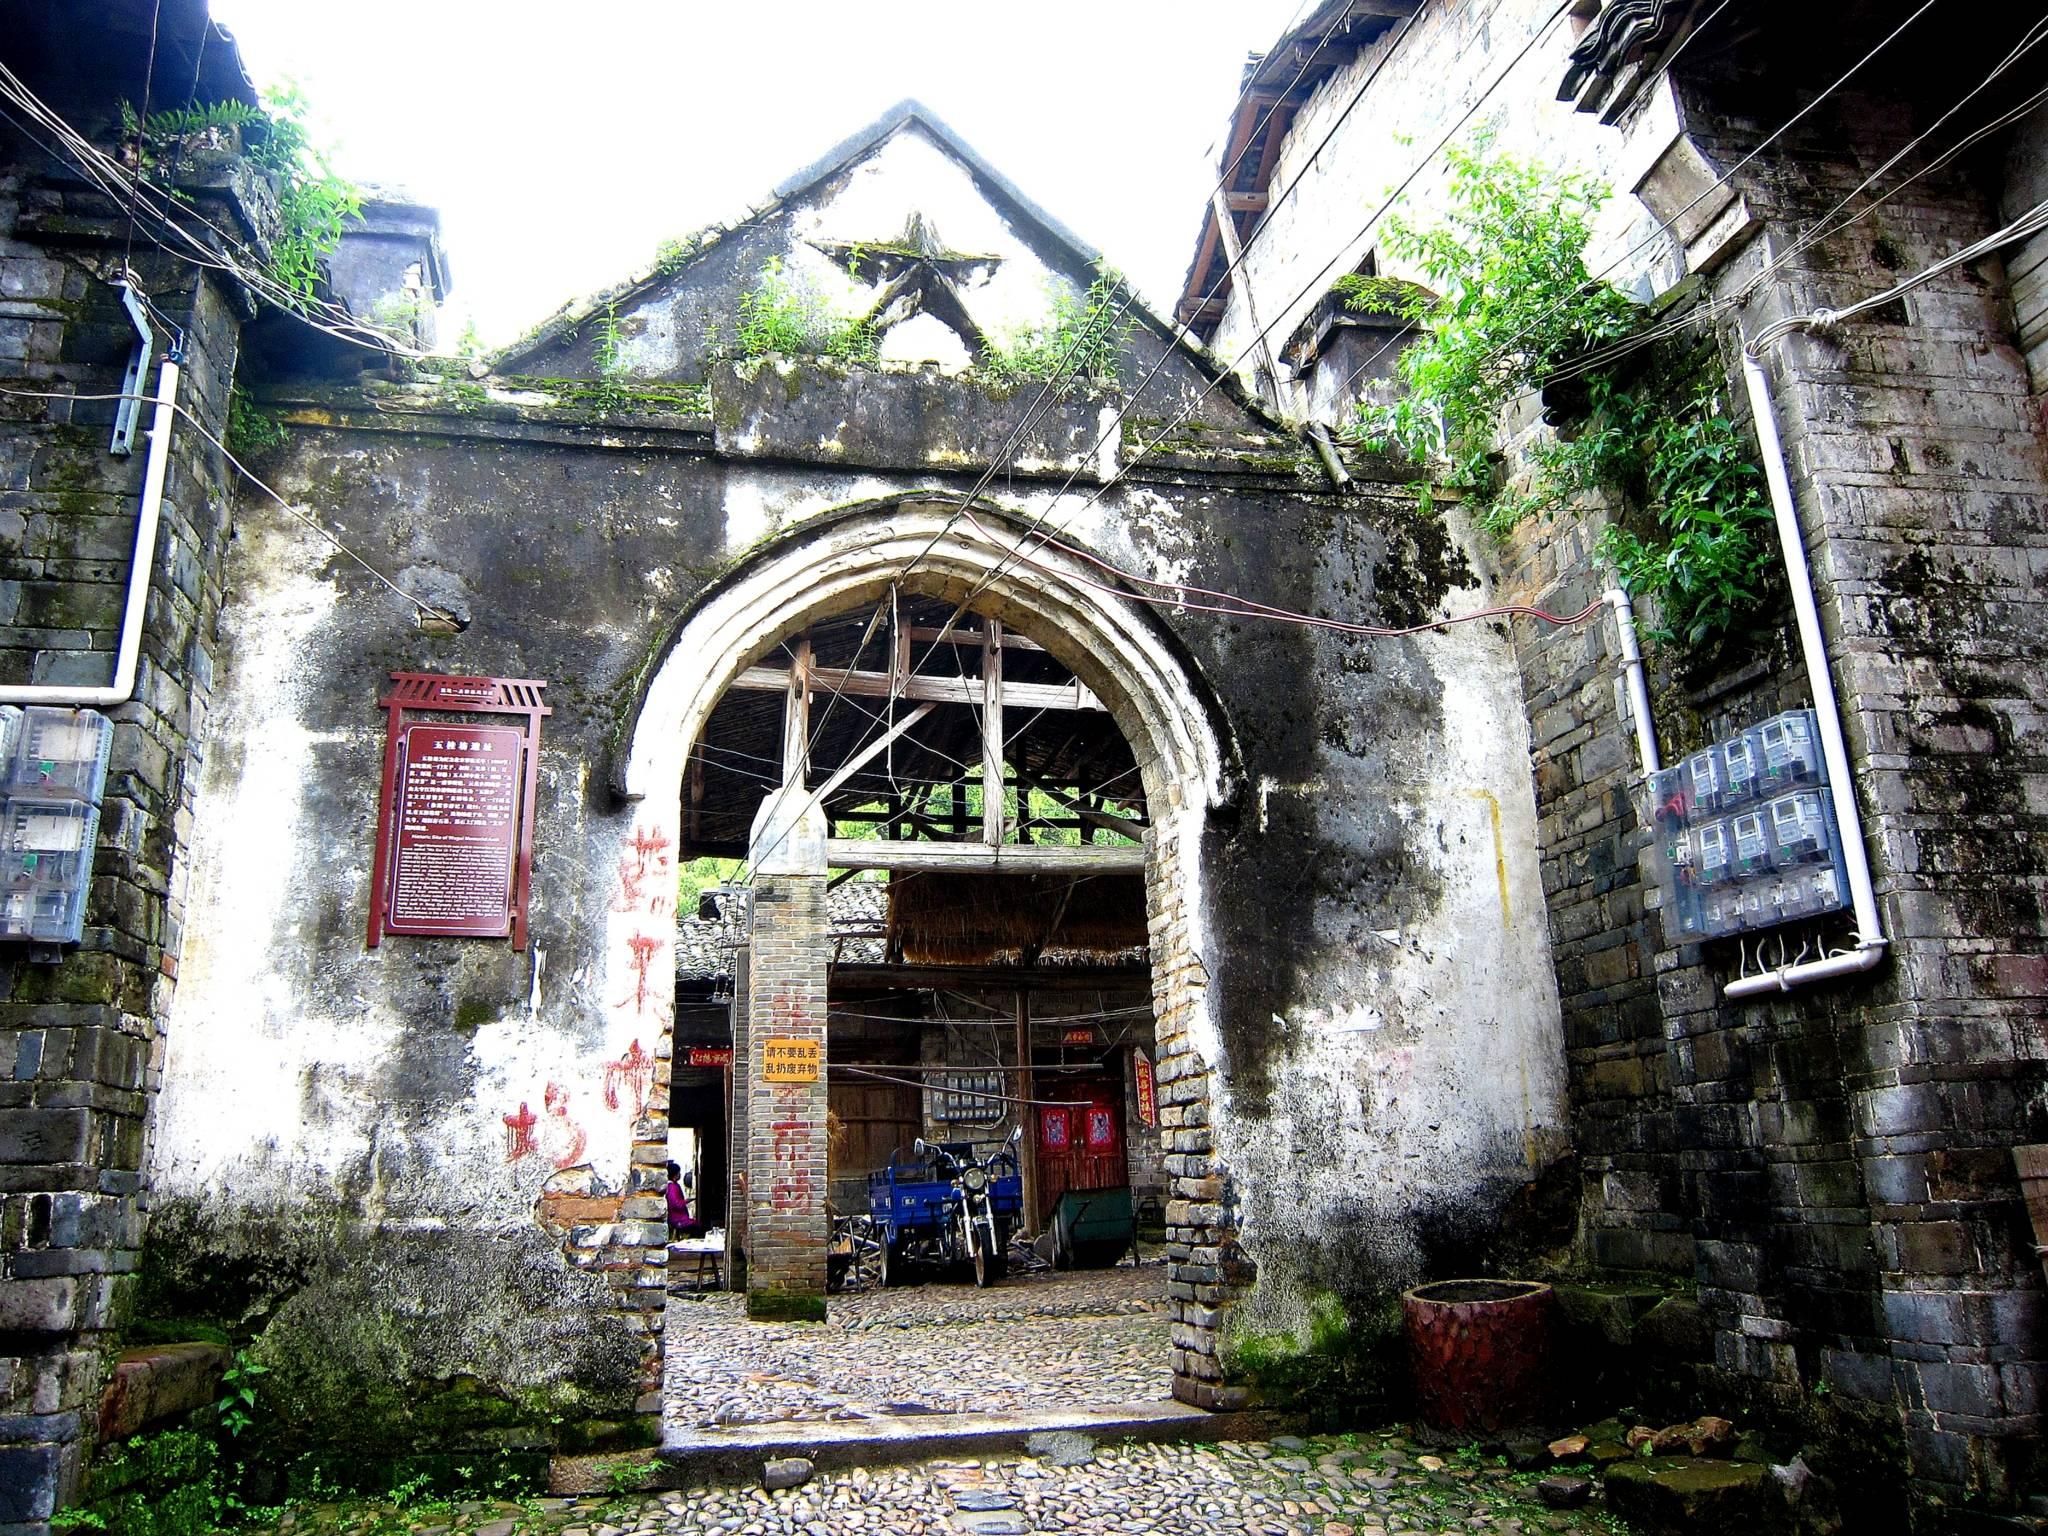 原创             【假期去哪玩】千年古村藏大量明清建筑 其处阛阓纵横是为万家之市